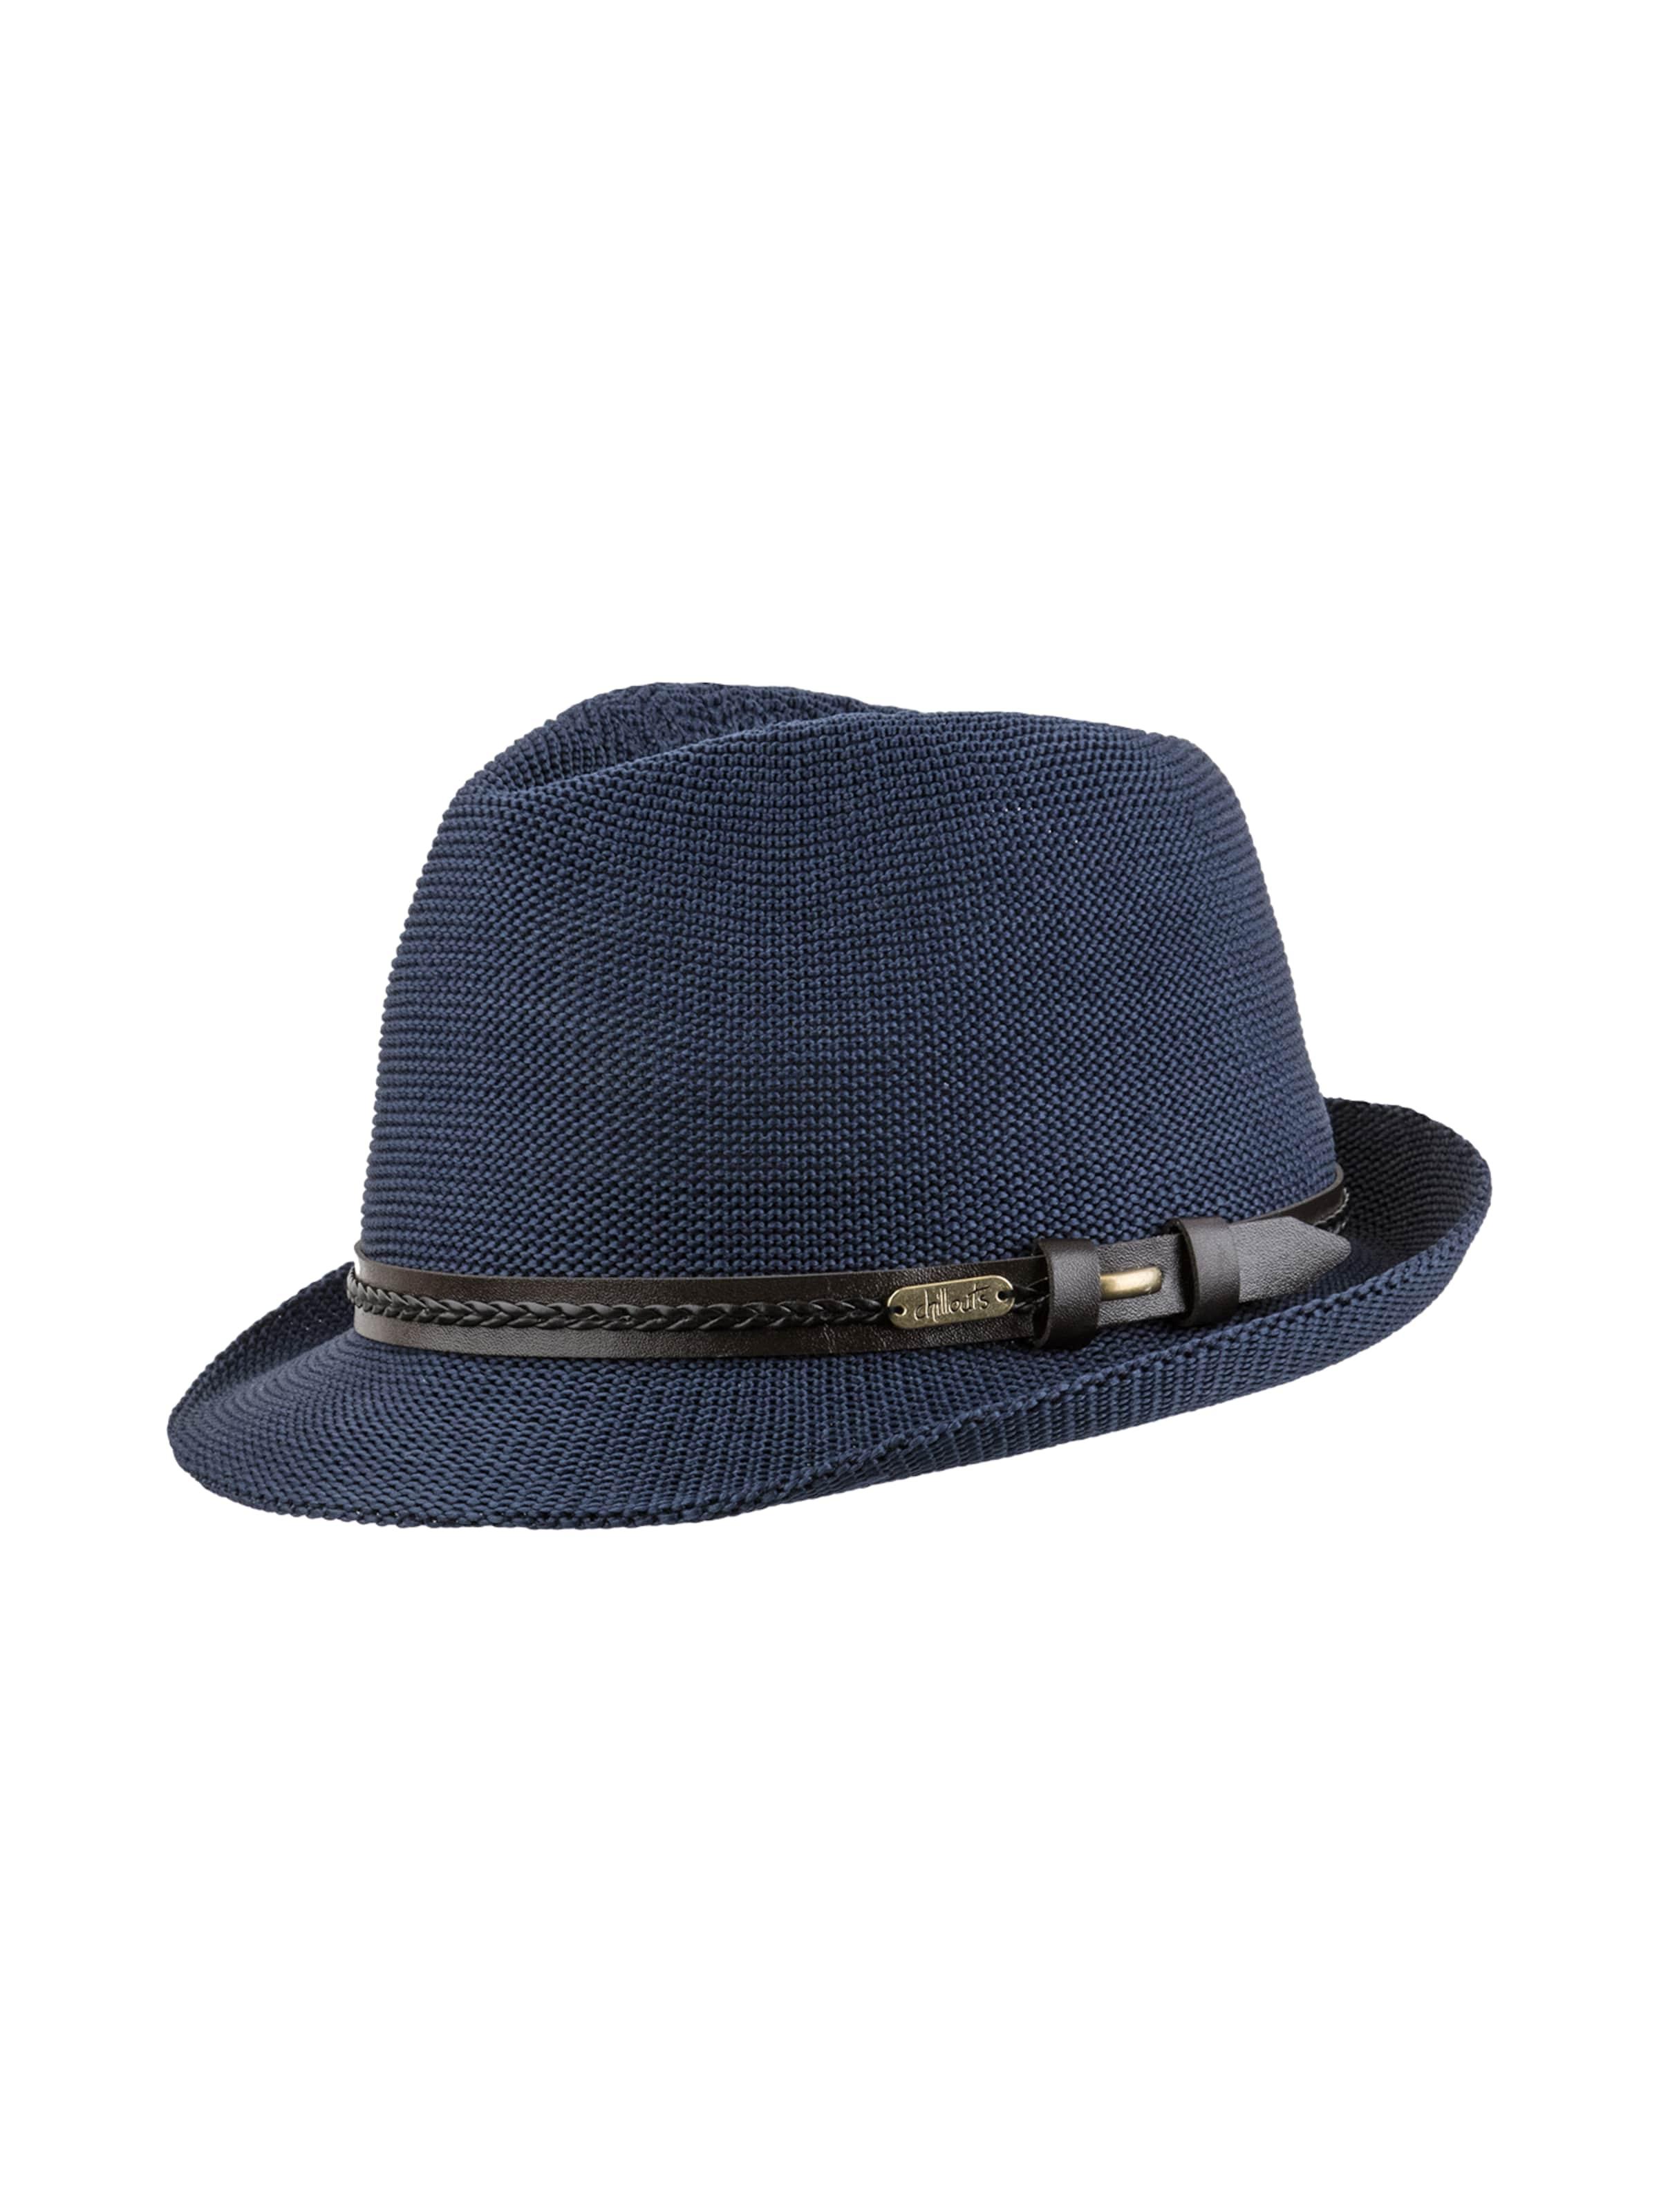 'bergamo' En Marine Bleu Chillouts Chapeaux qMVUzSp